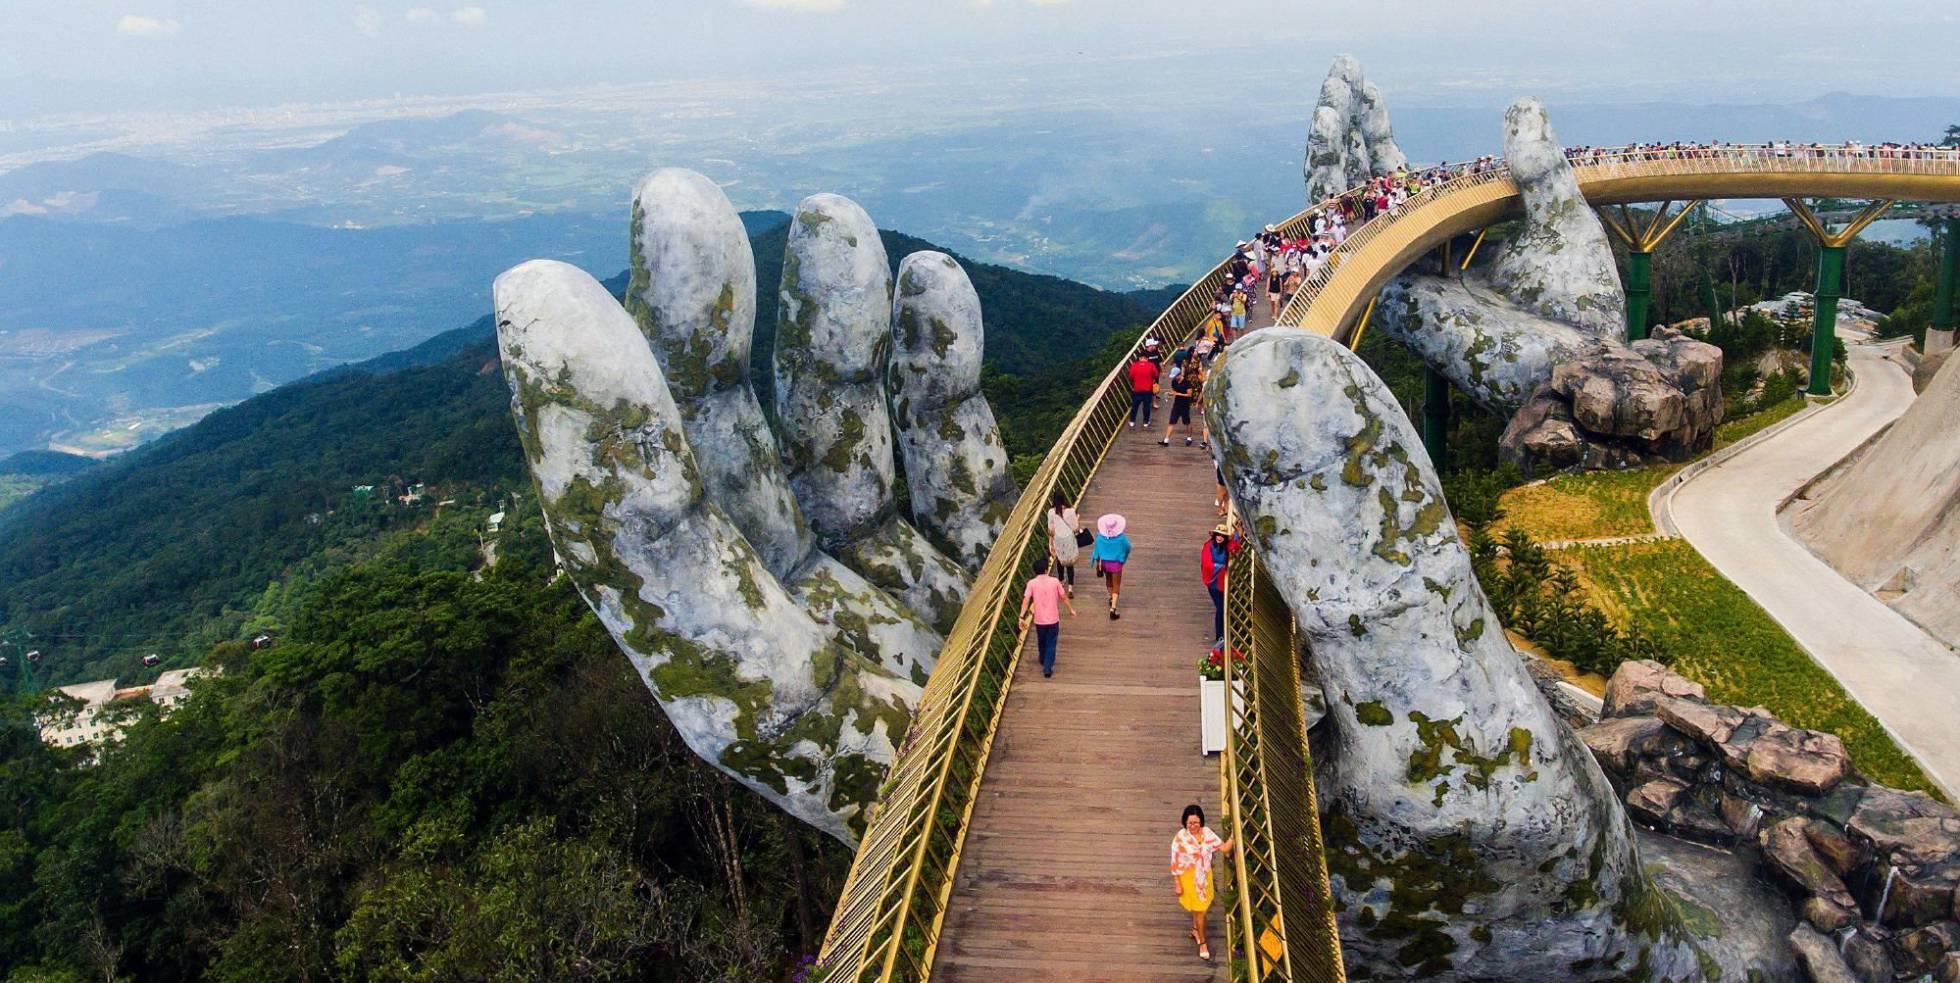 Varios turistas cruzan el nuevo puente Cau Vang (Puente Dorado).